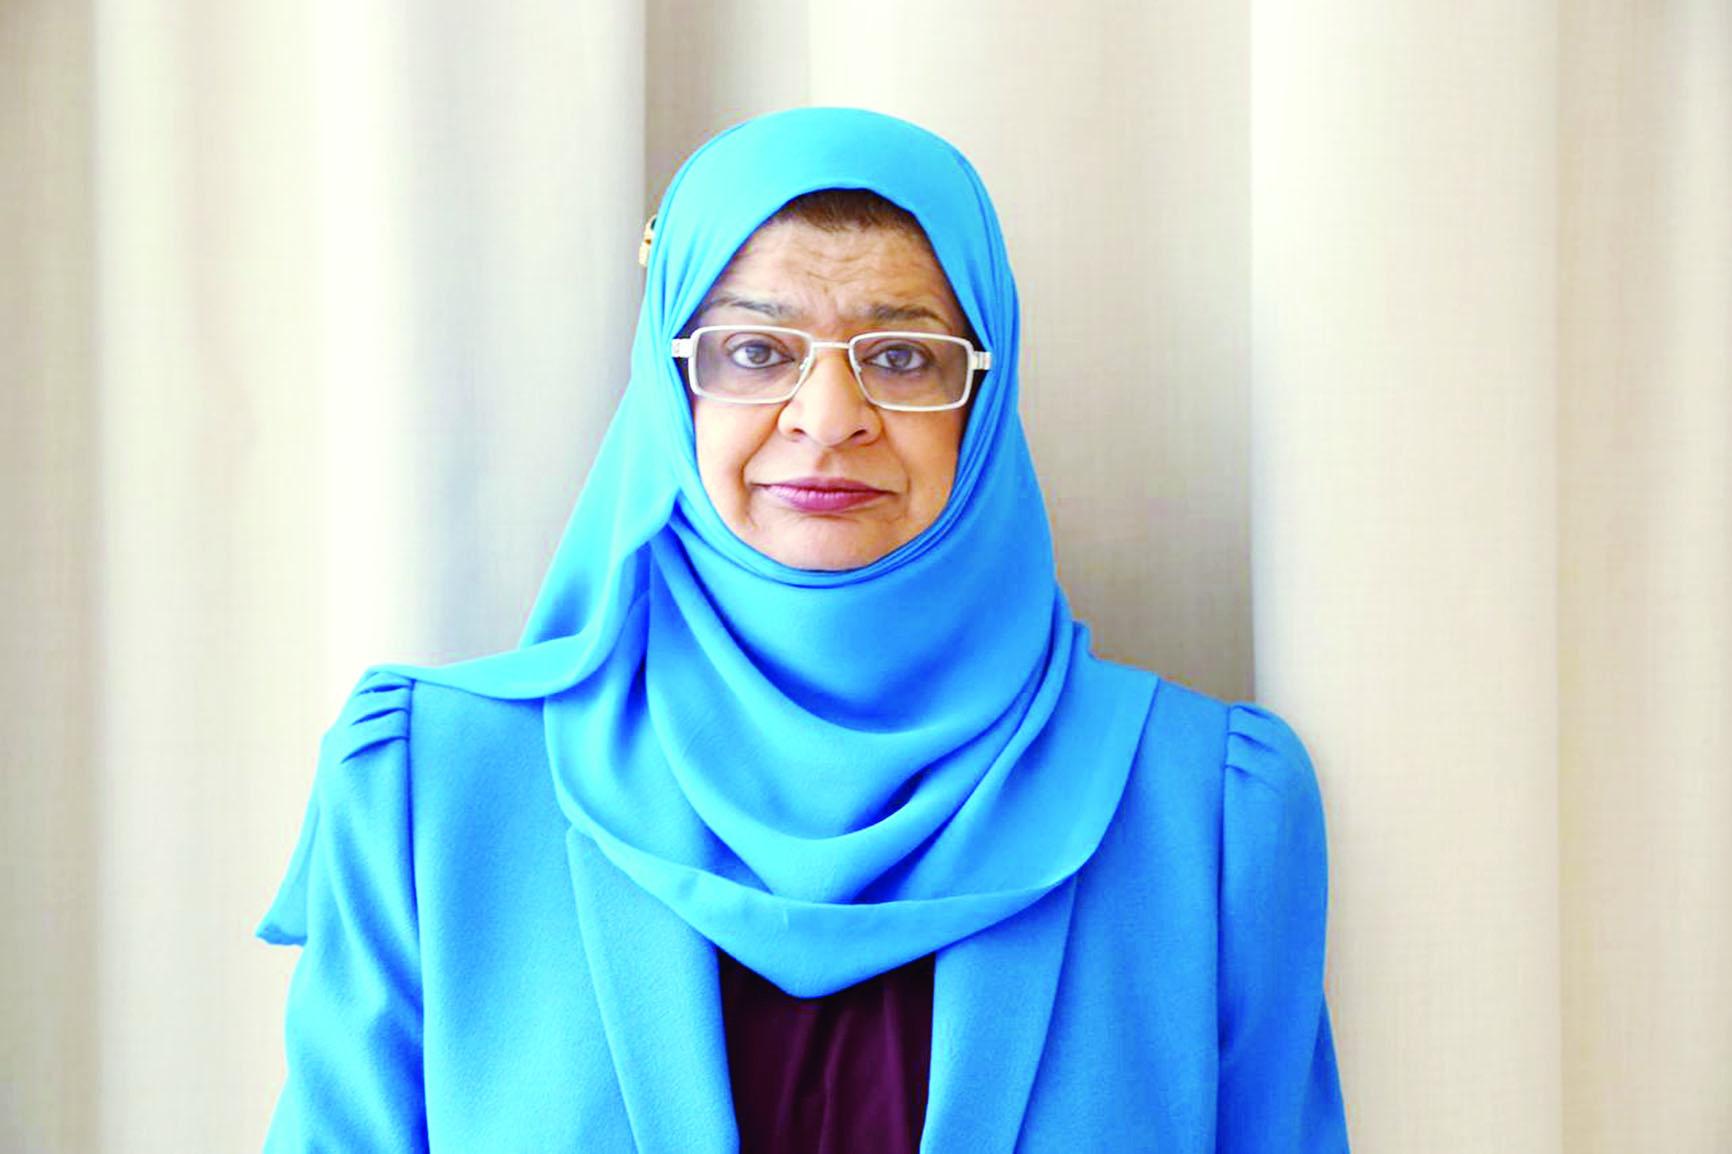 التعليم العالي تحتفل بيوم المرأة العمانية